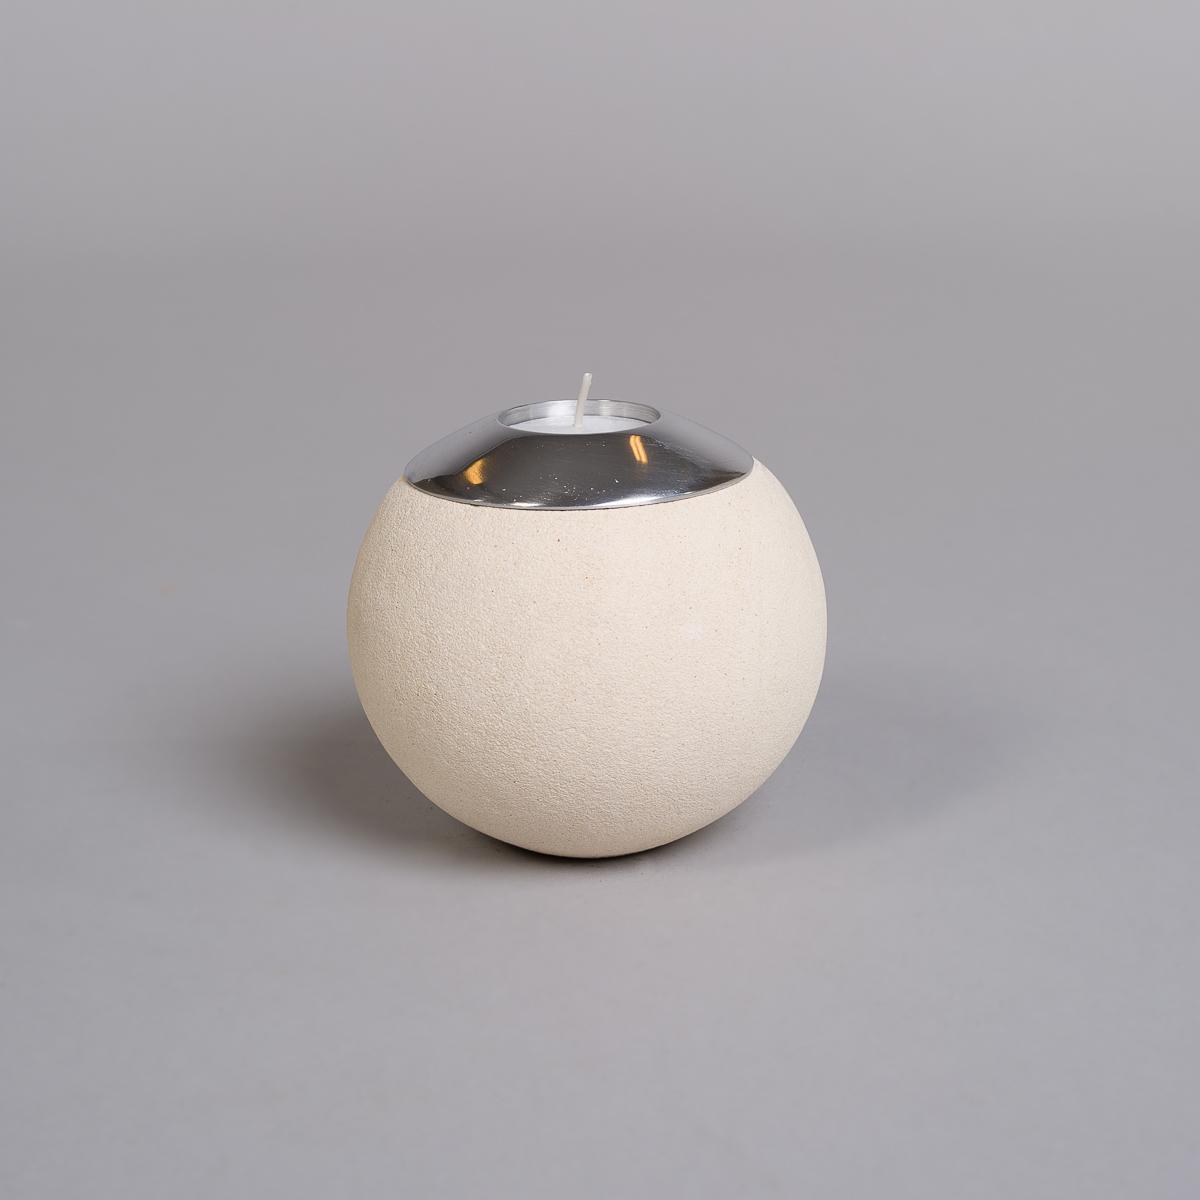 Te-lysholder i lys sandstein-stor-0